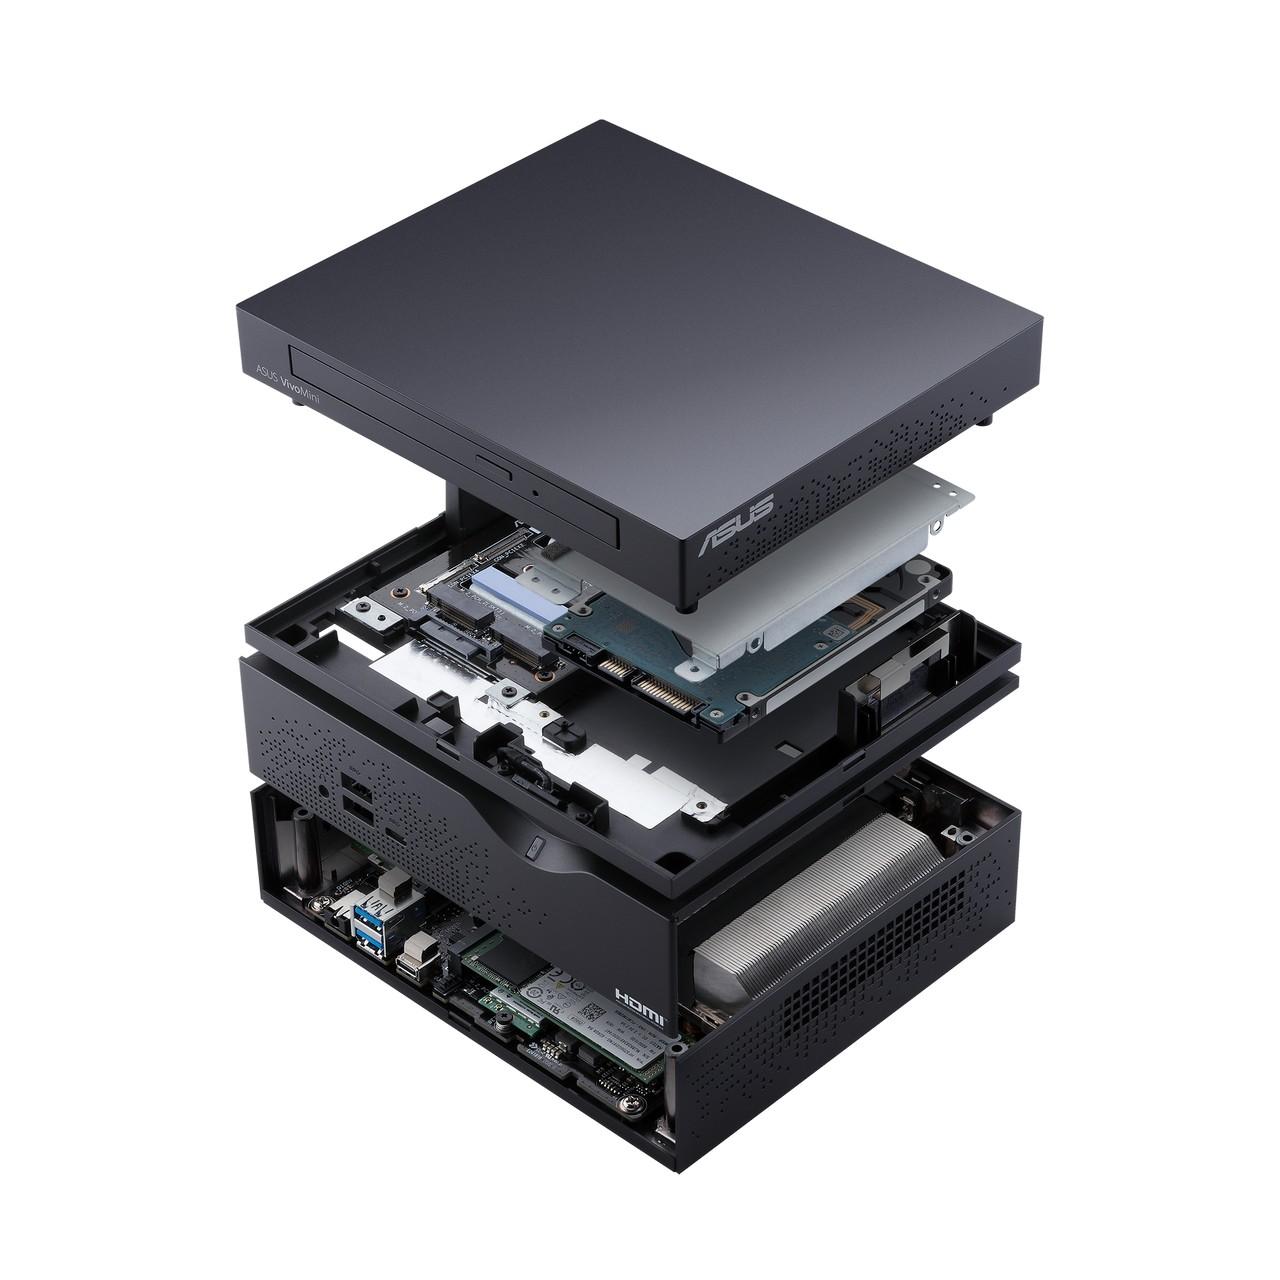 Spesifikasi ASUS VivoMini VC66-C2